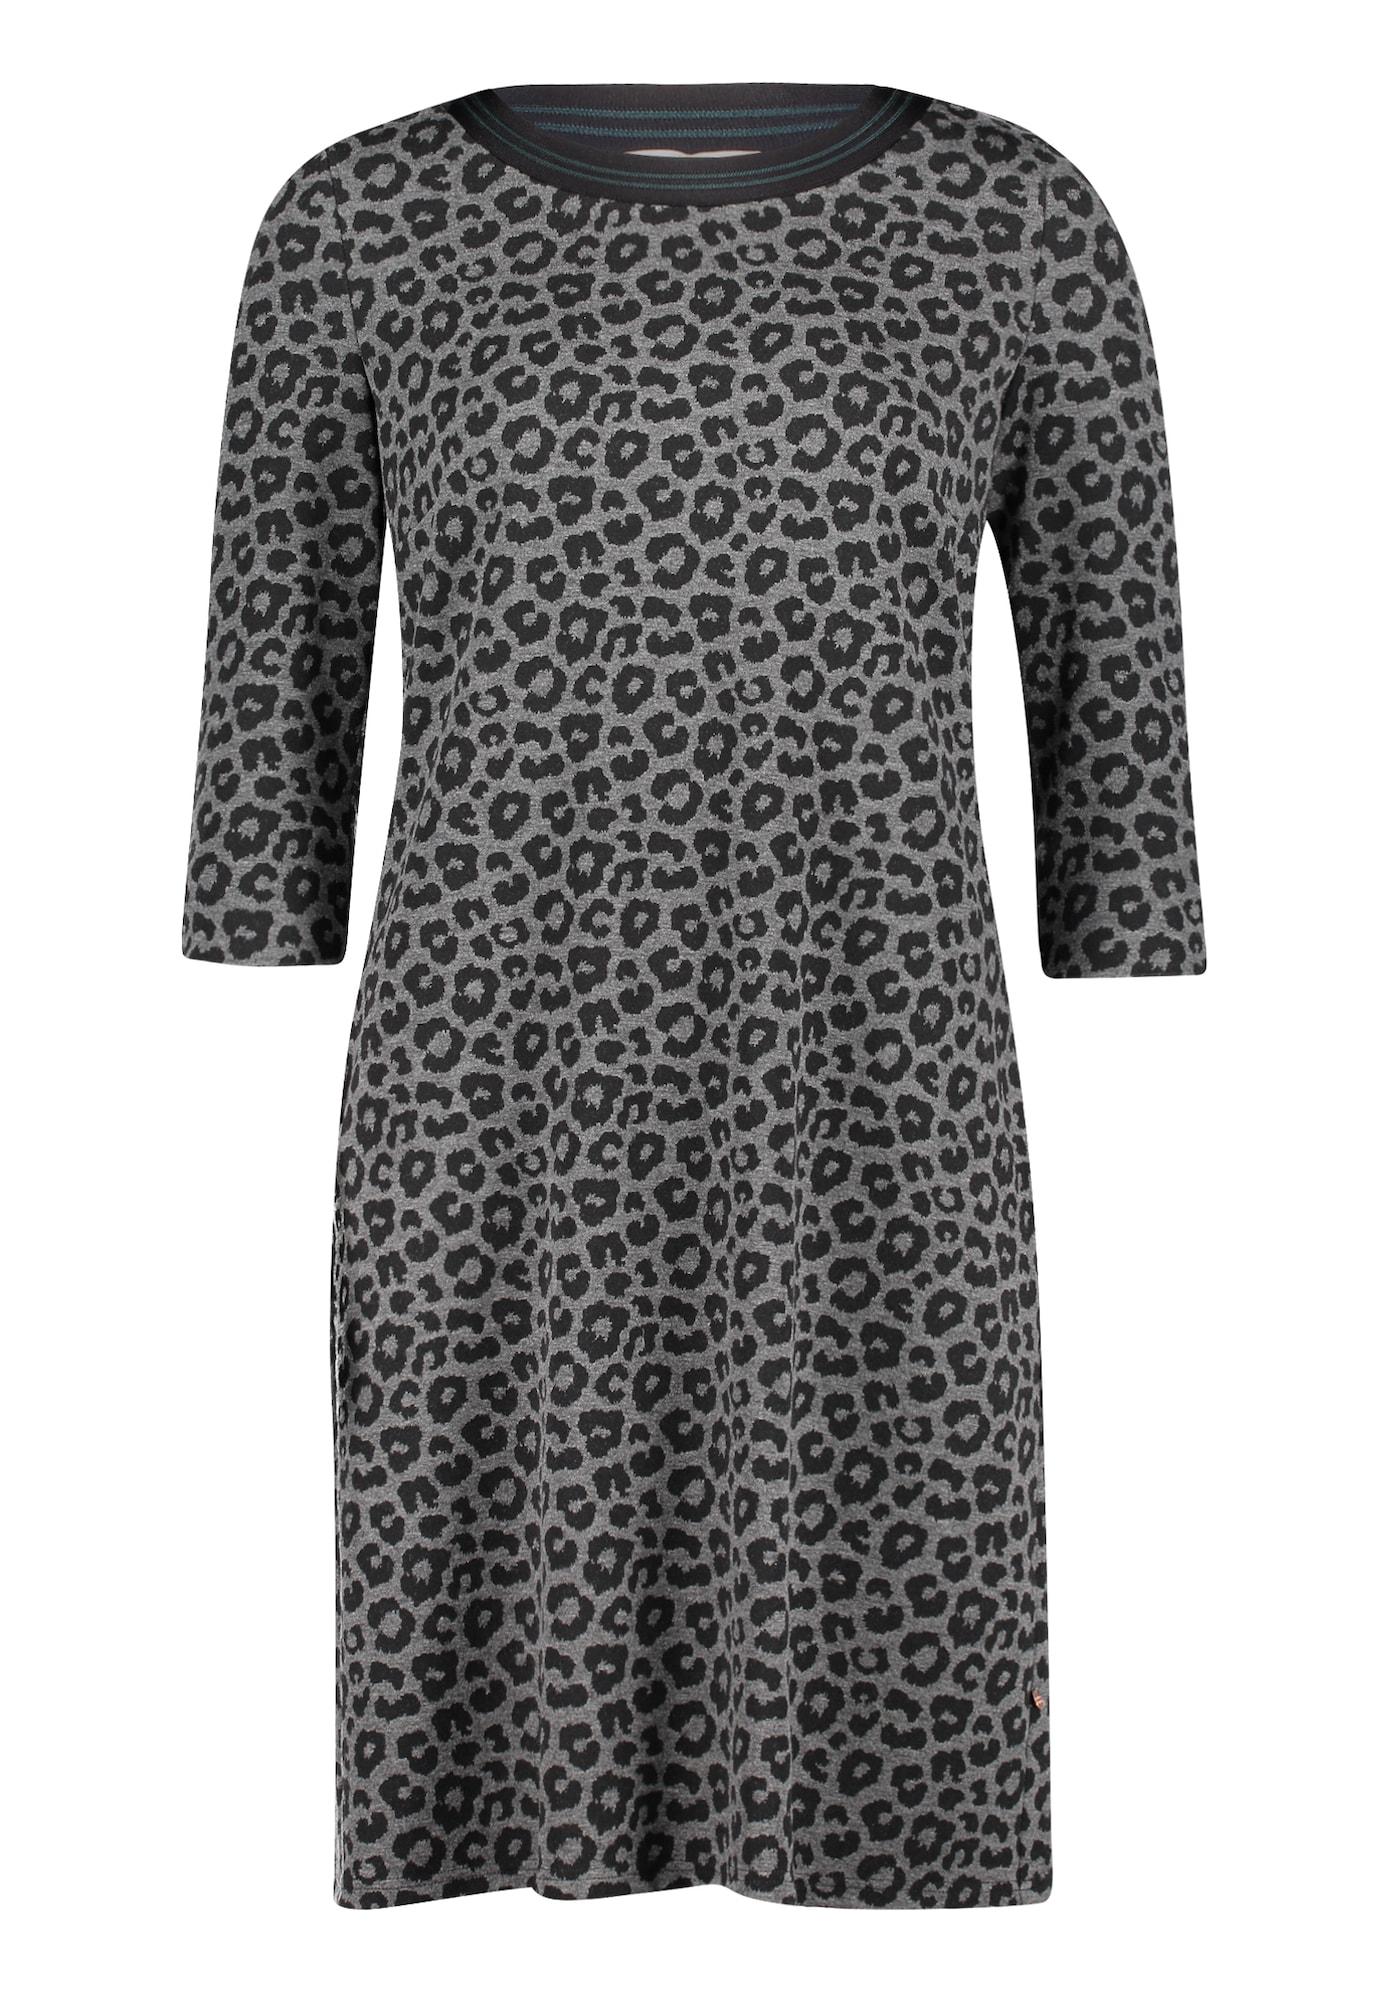 Jerseykleid | Bekleidung > Kleider > Jerseykleider | Vera Mont